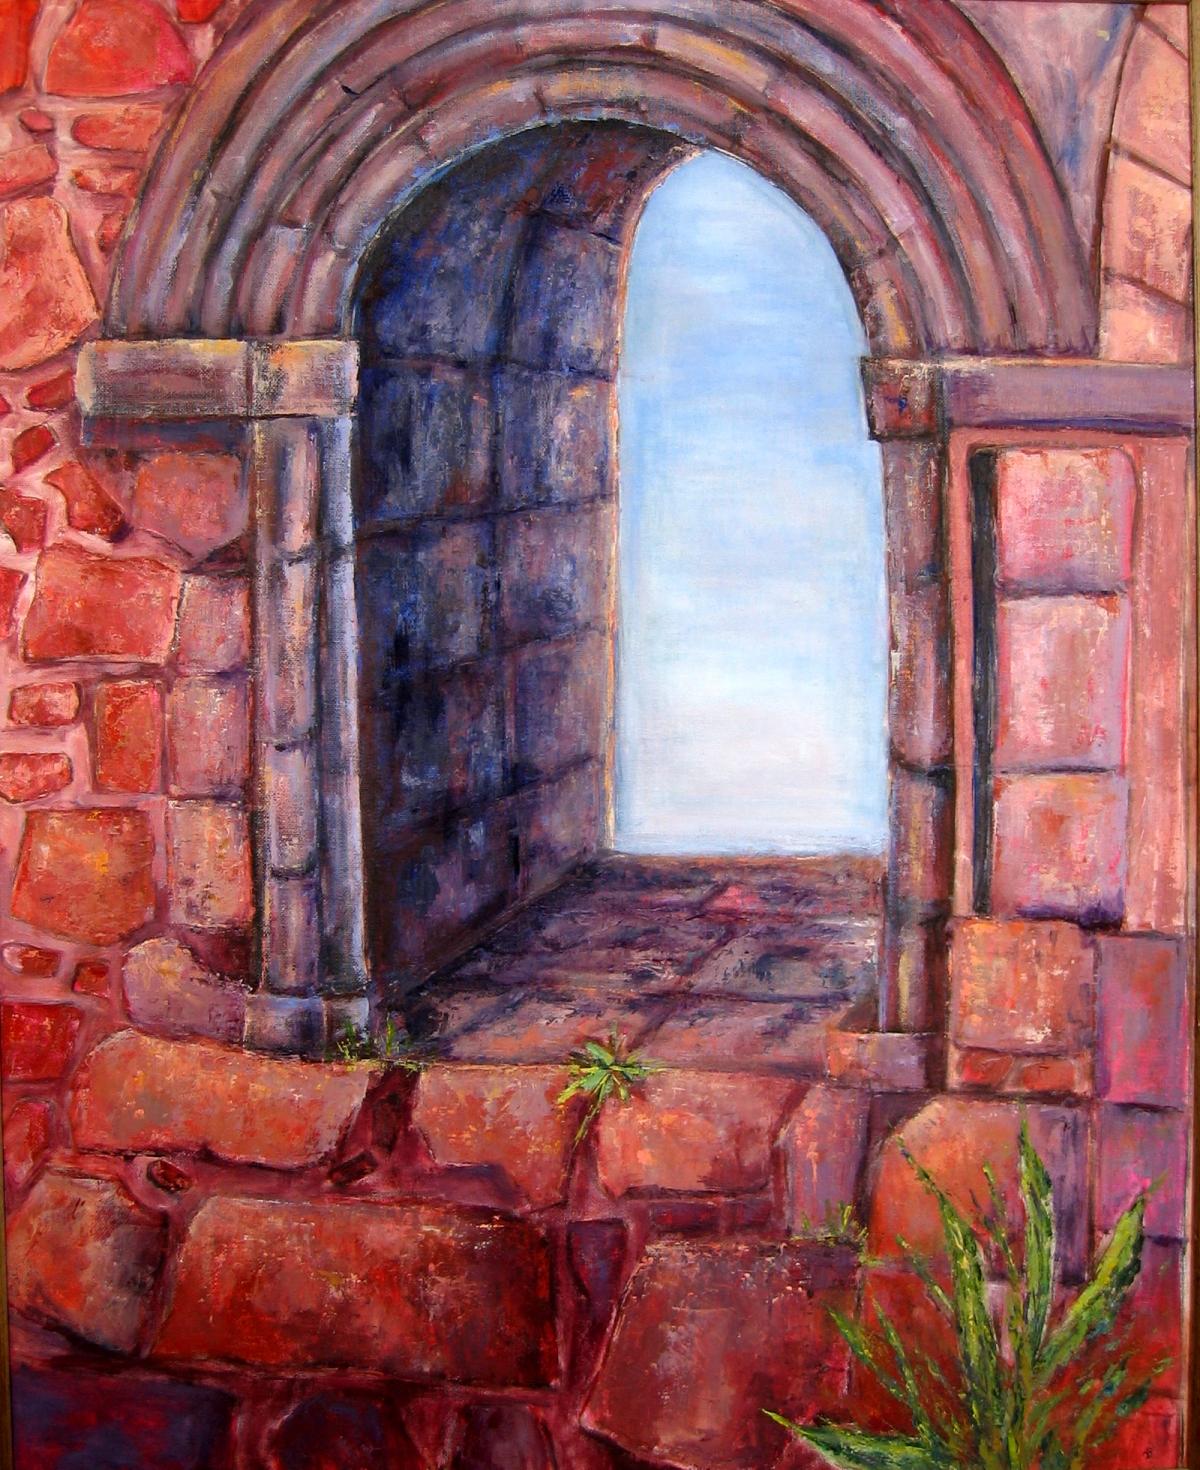 torre-abbey-window-oil-on-board-60cm-x-76cm